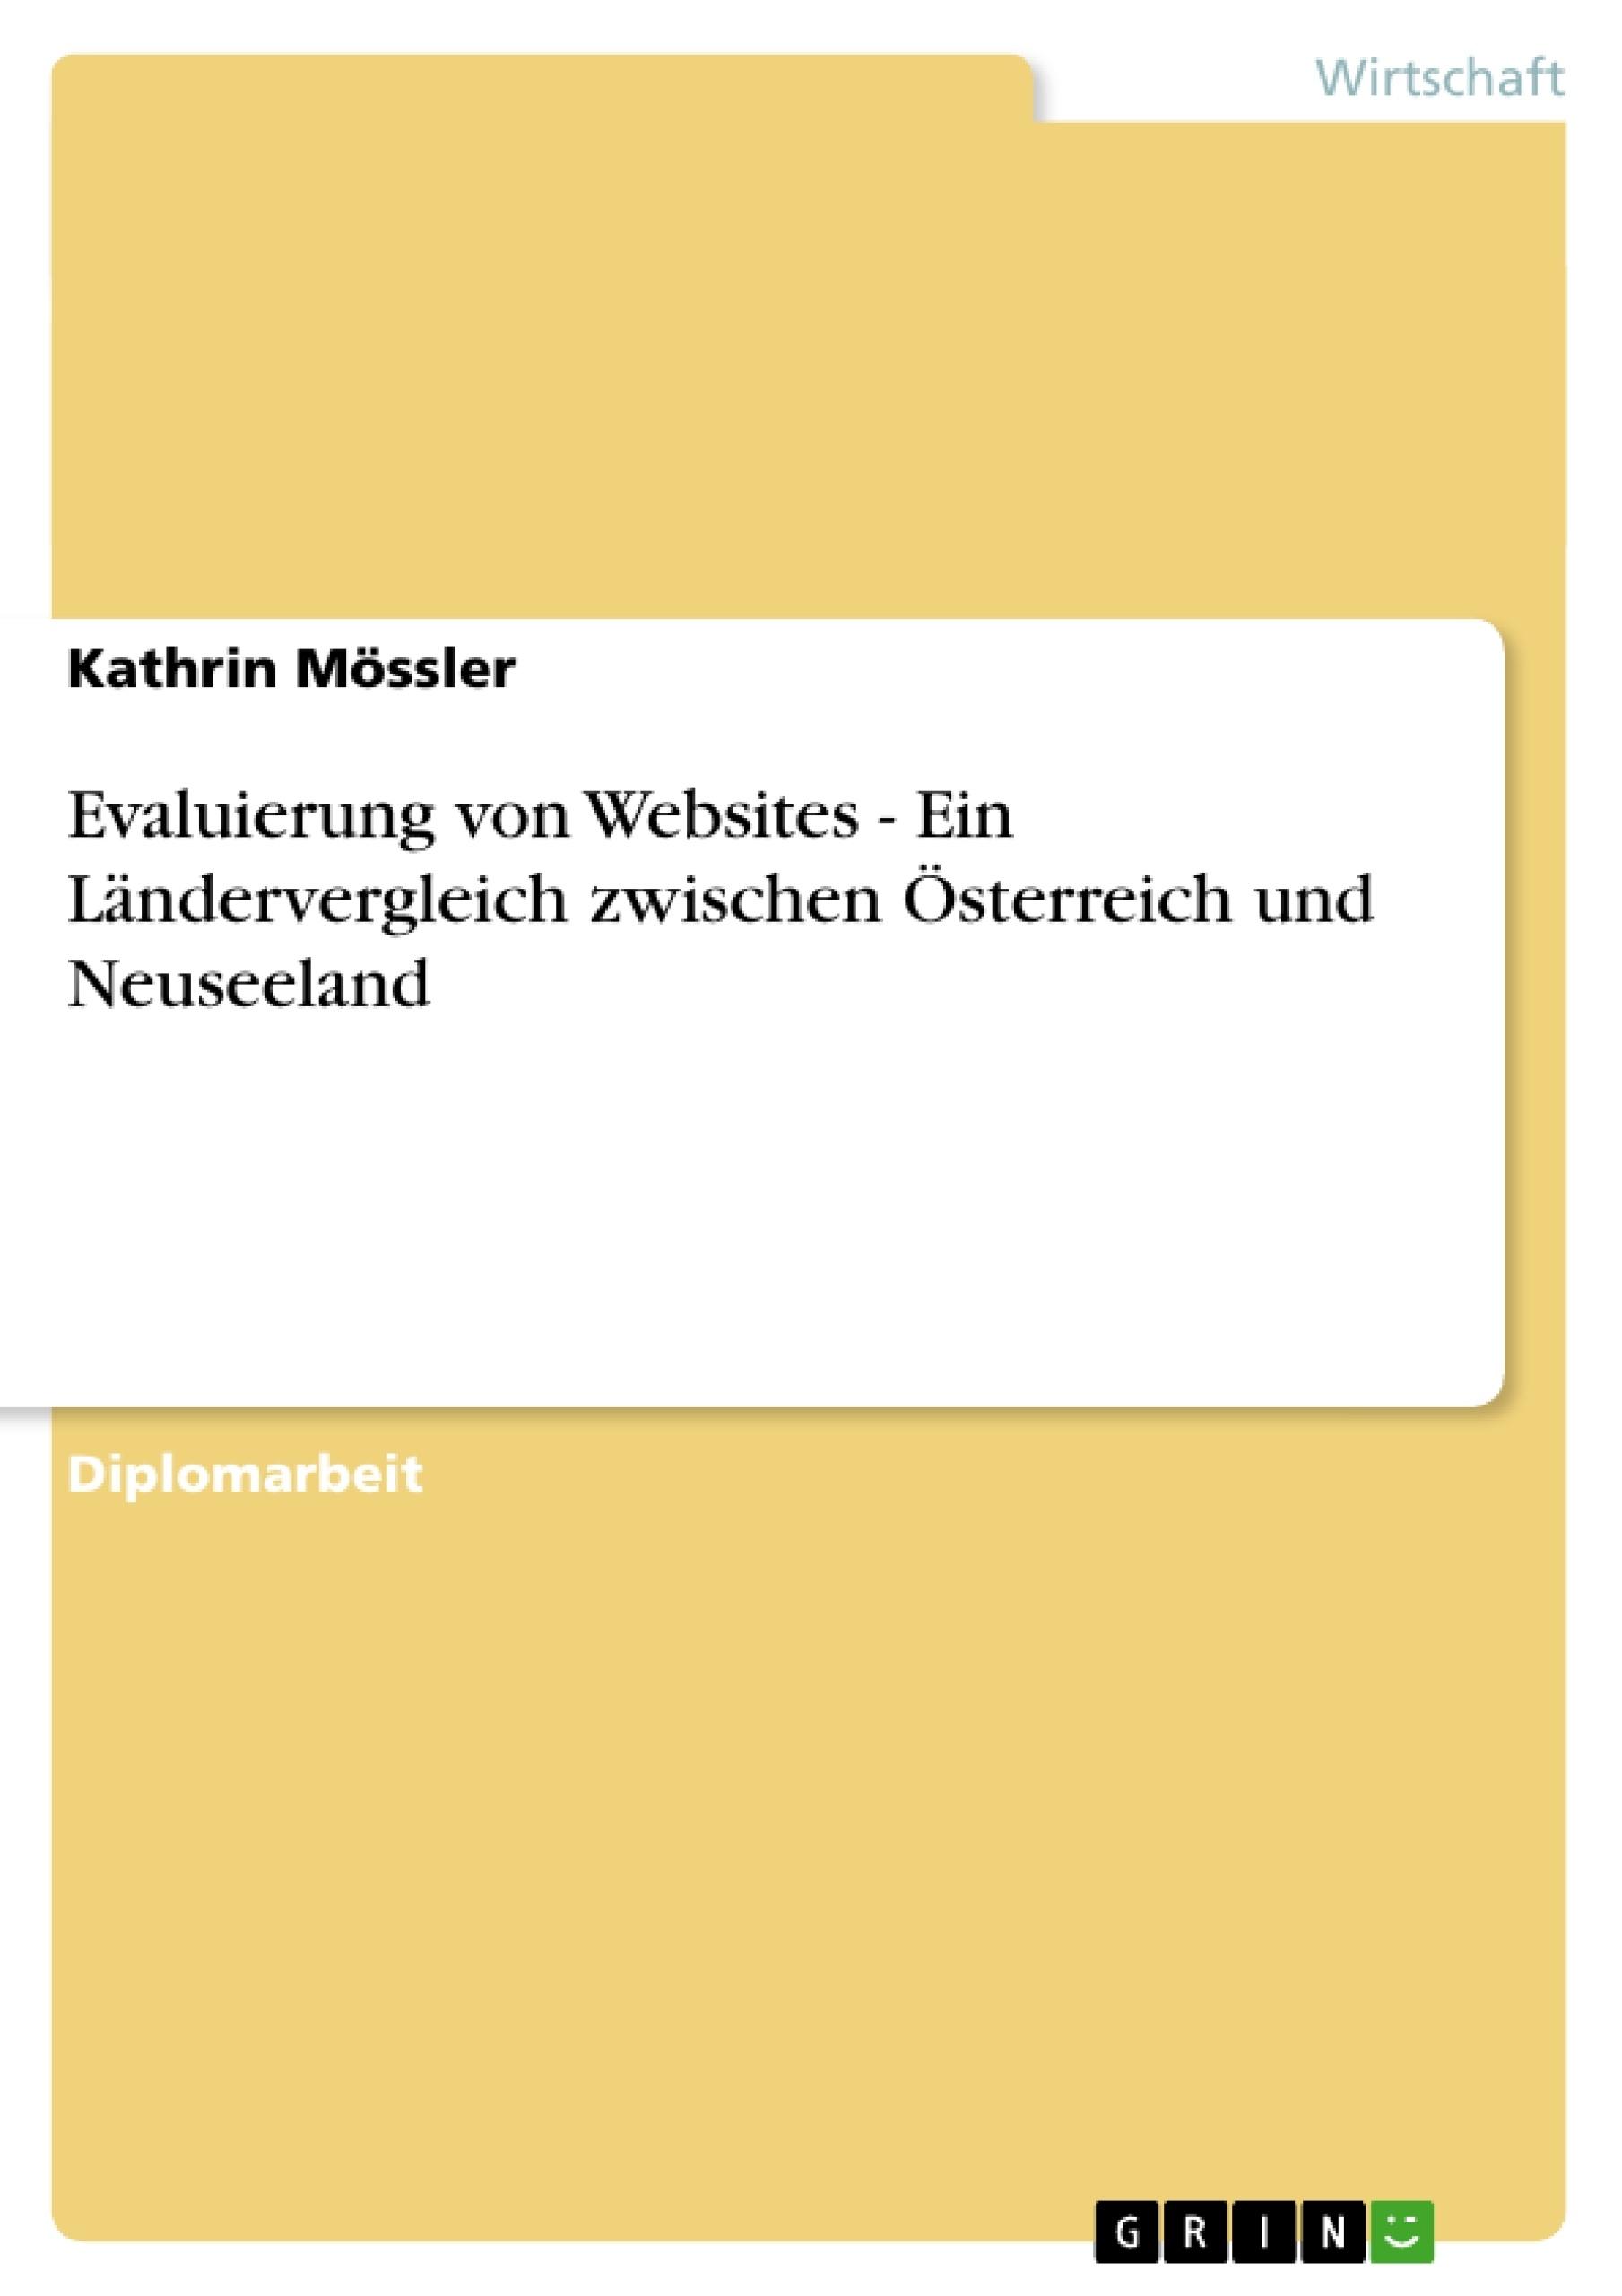 Titel: Evaluierung von Websites - Ein Ländervergleich zwischen Österreich und Neuseeland